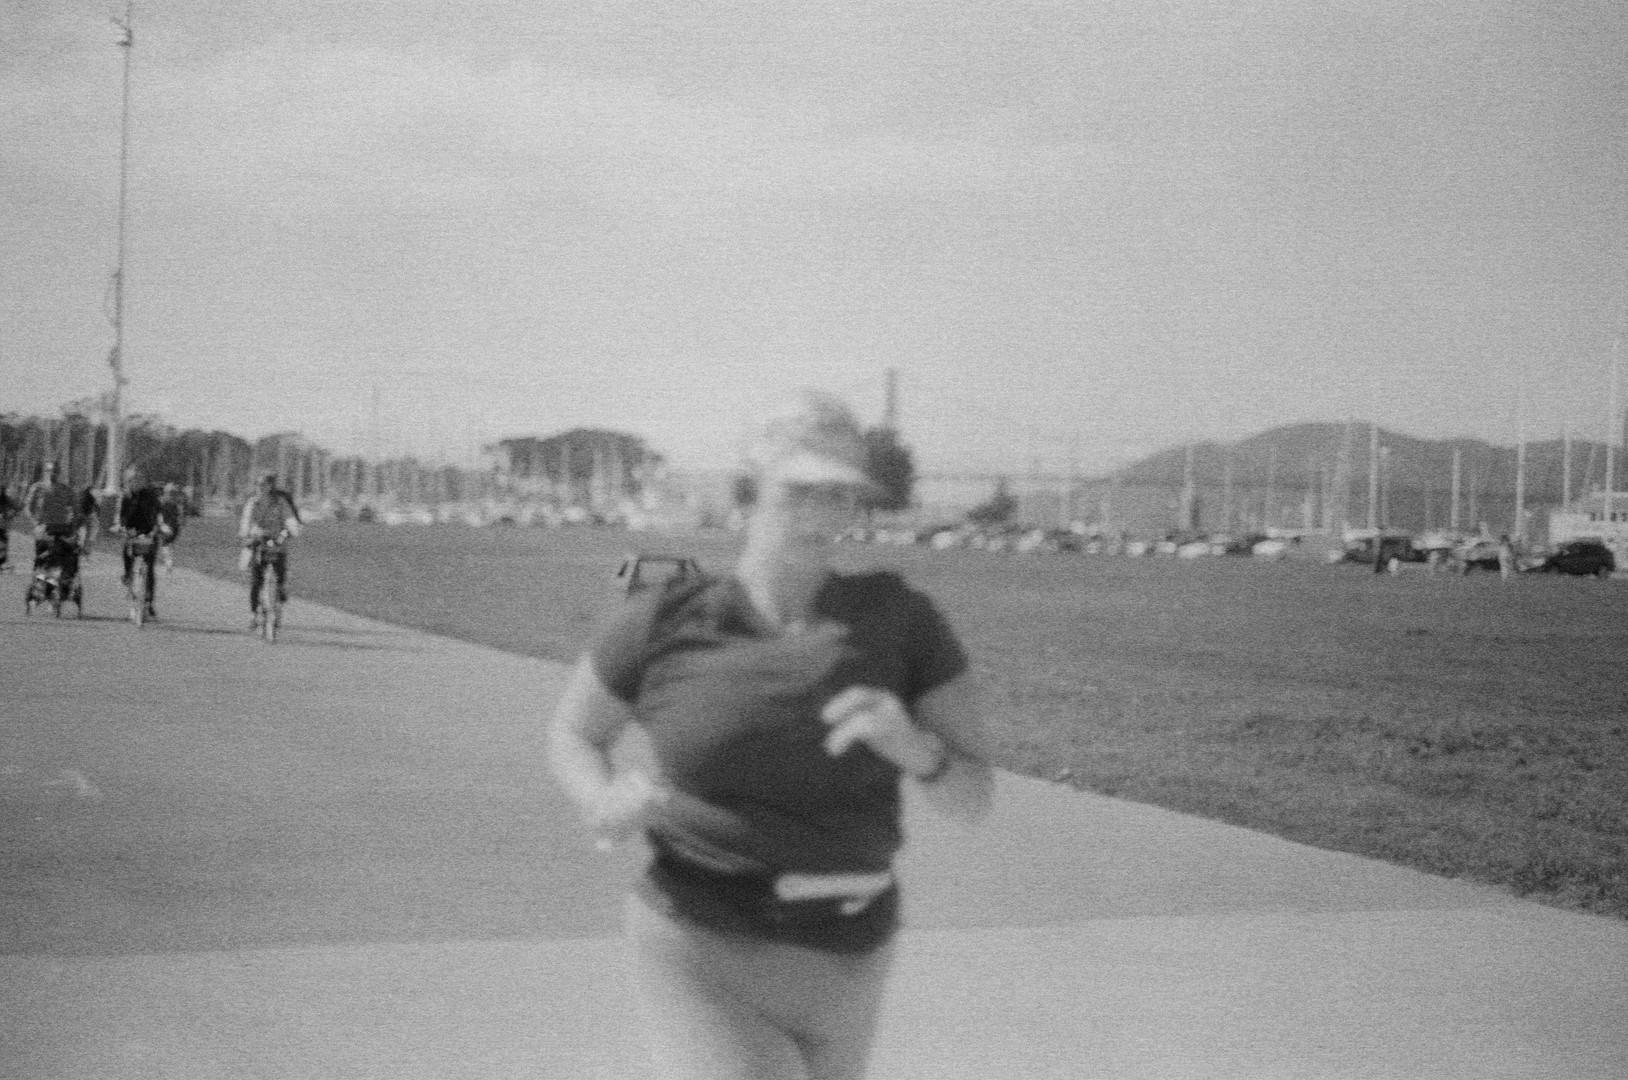 Runners_In_San_Francisco-16.jpg